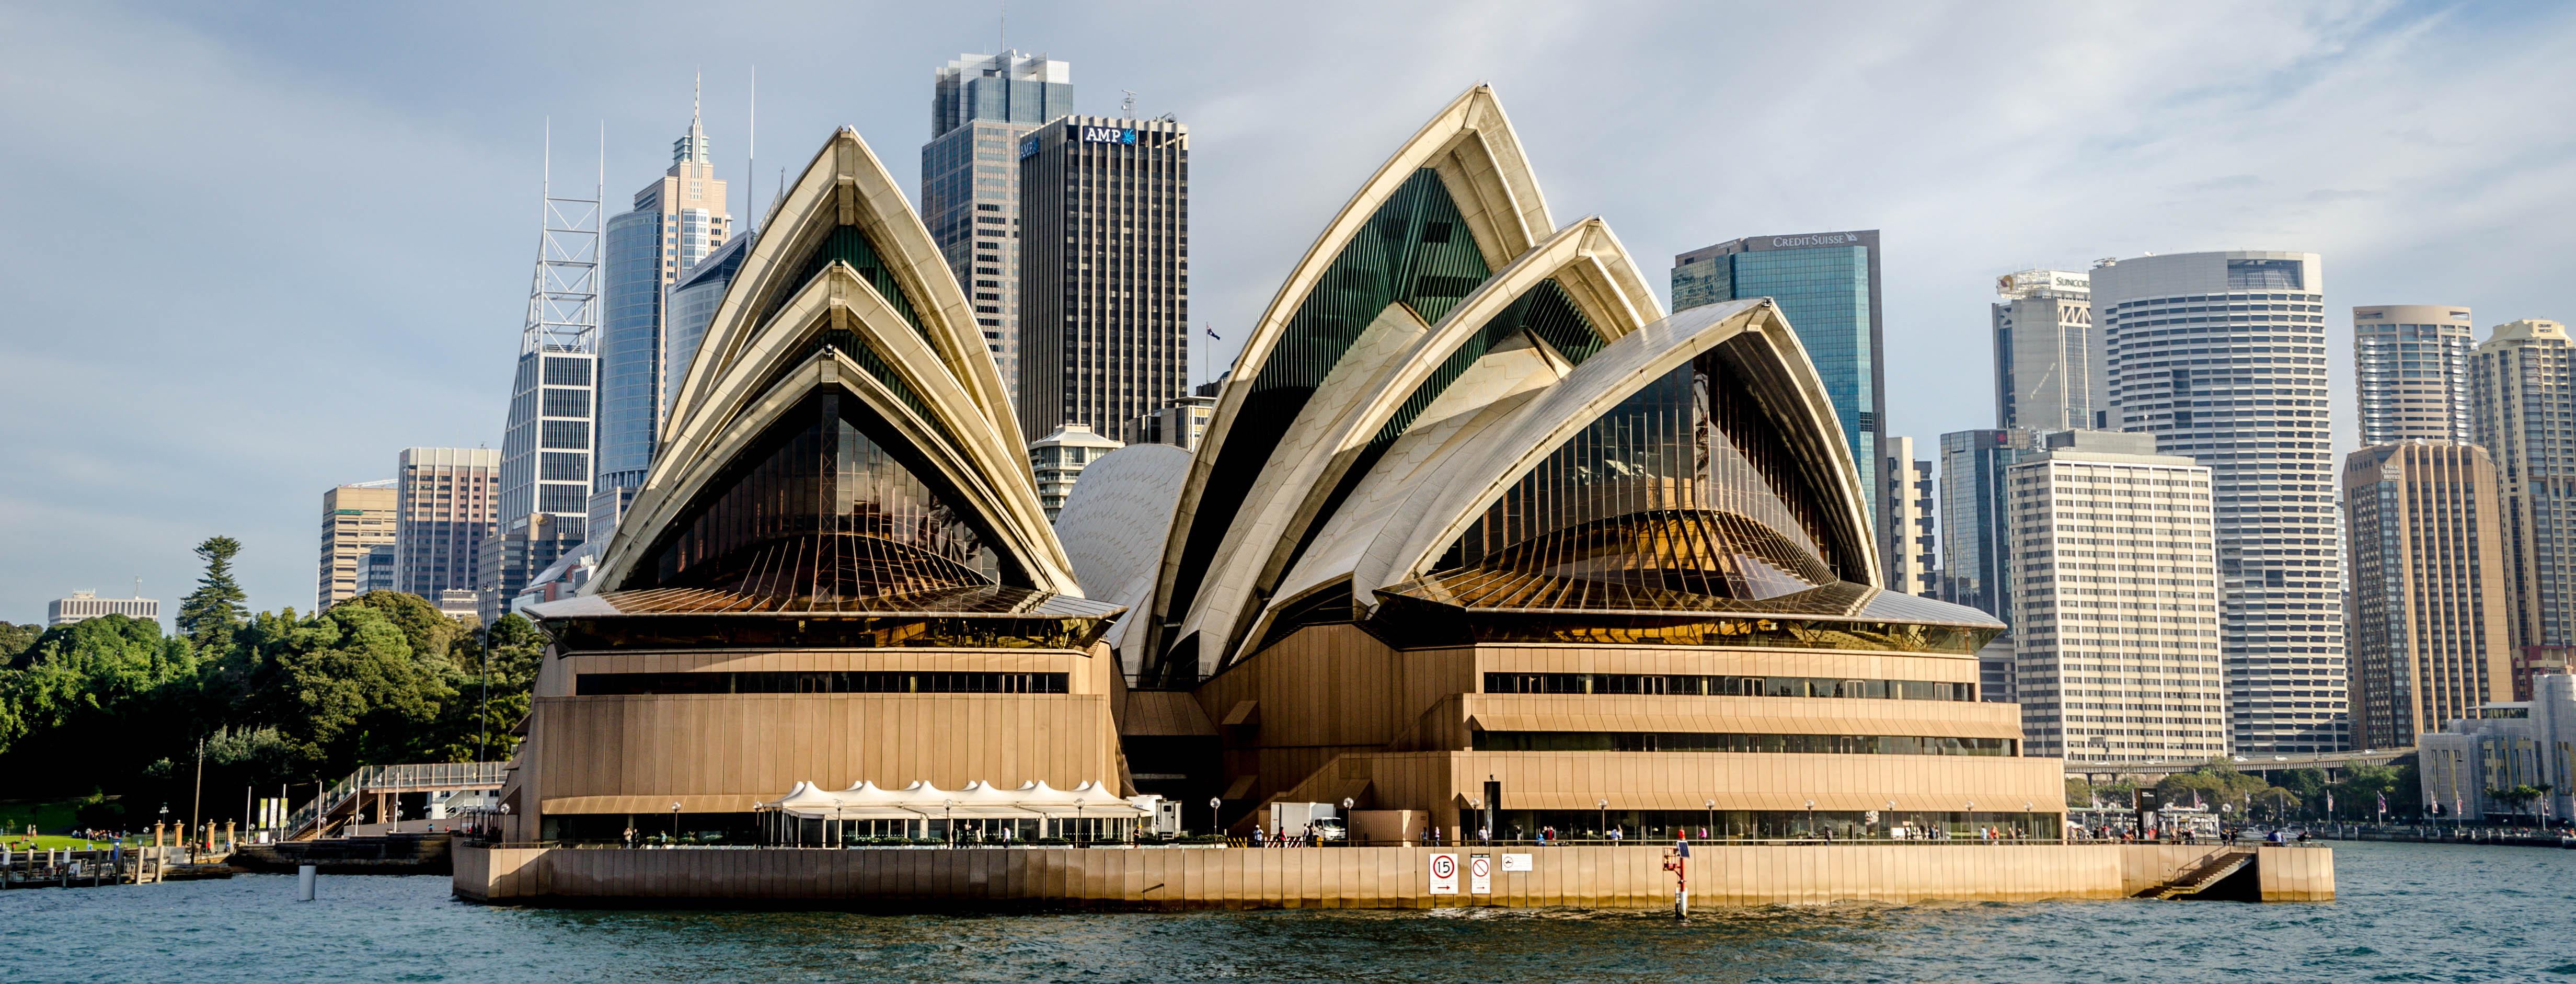 sydney opera house at sunset - 30+ Free Images Of Sydney Opera House  Background